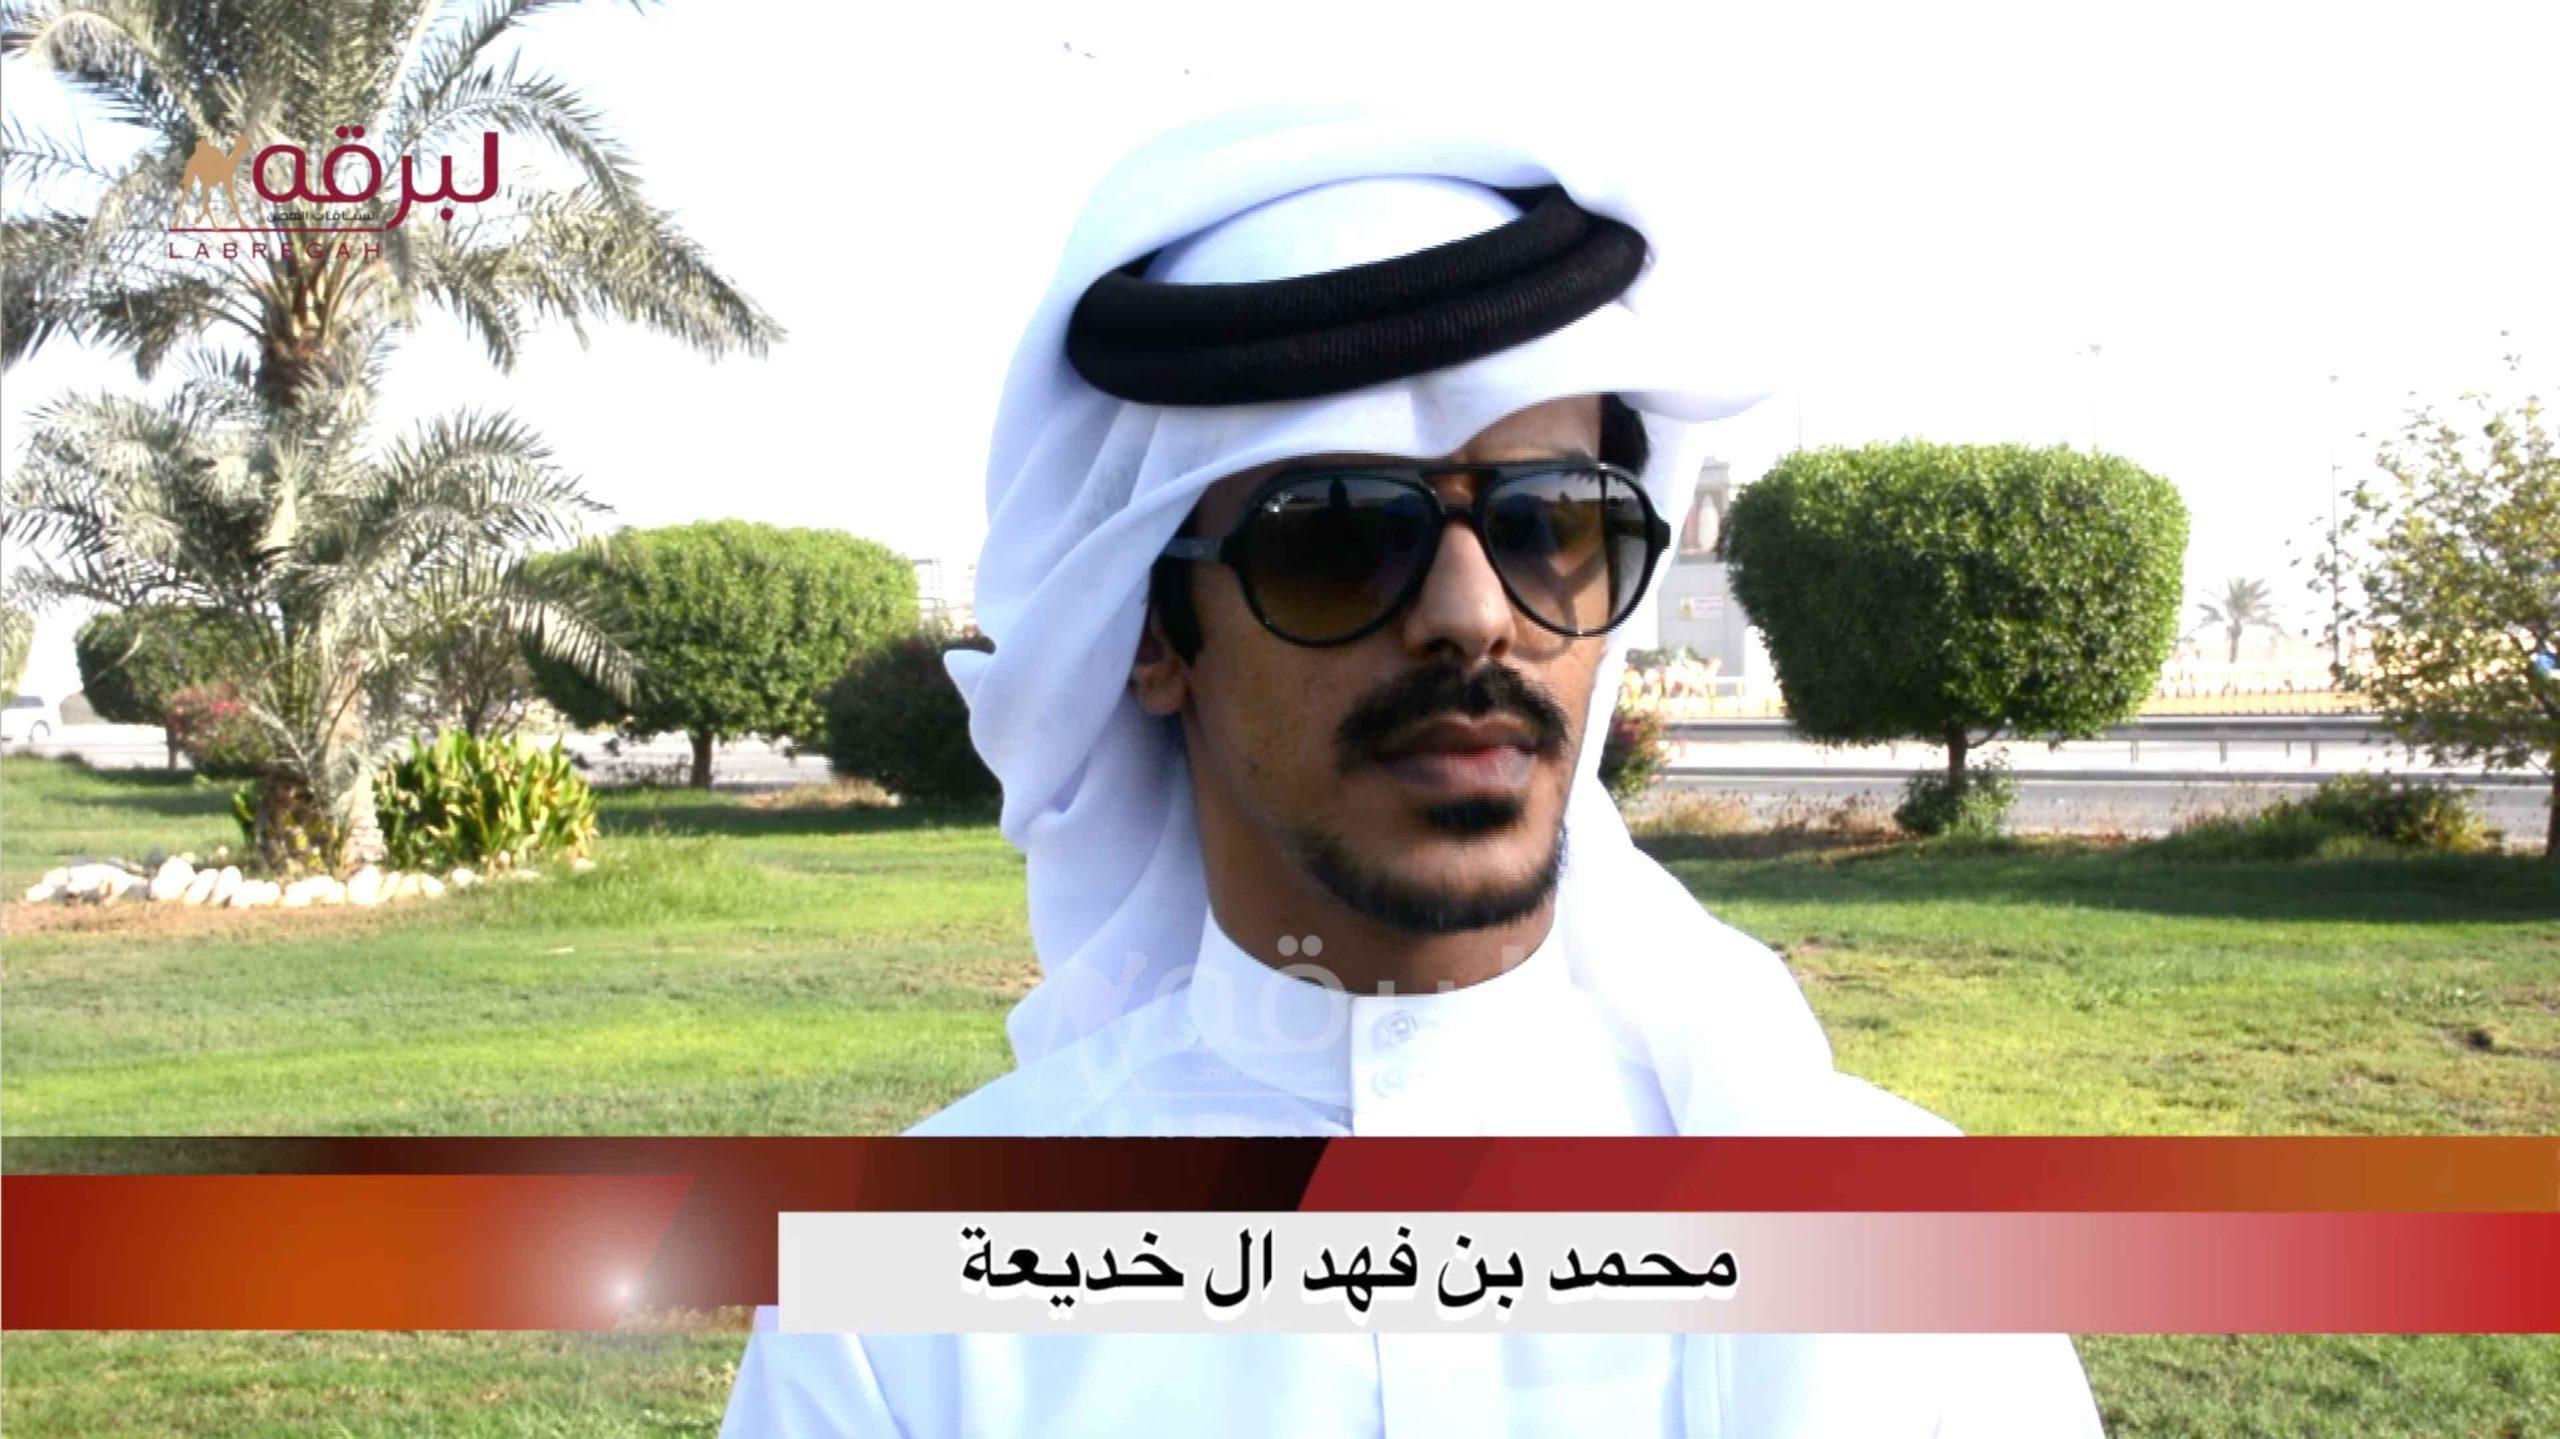 لقاء مع محمد بن فهد ال خديعة.. الشوط الرئيسي للثنايا بكار مفتوح الأشواط المفتوحة ٢٦-٩-٢٠٢٠